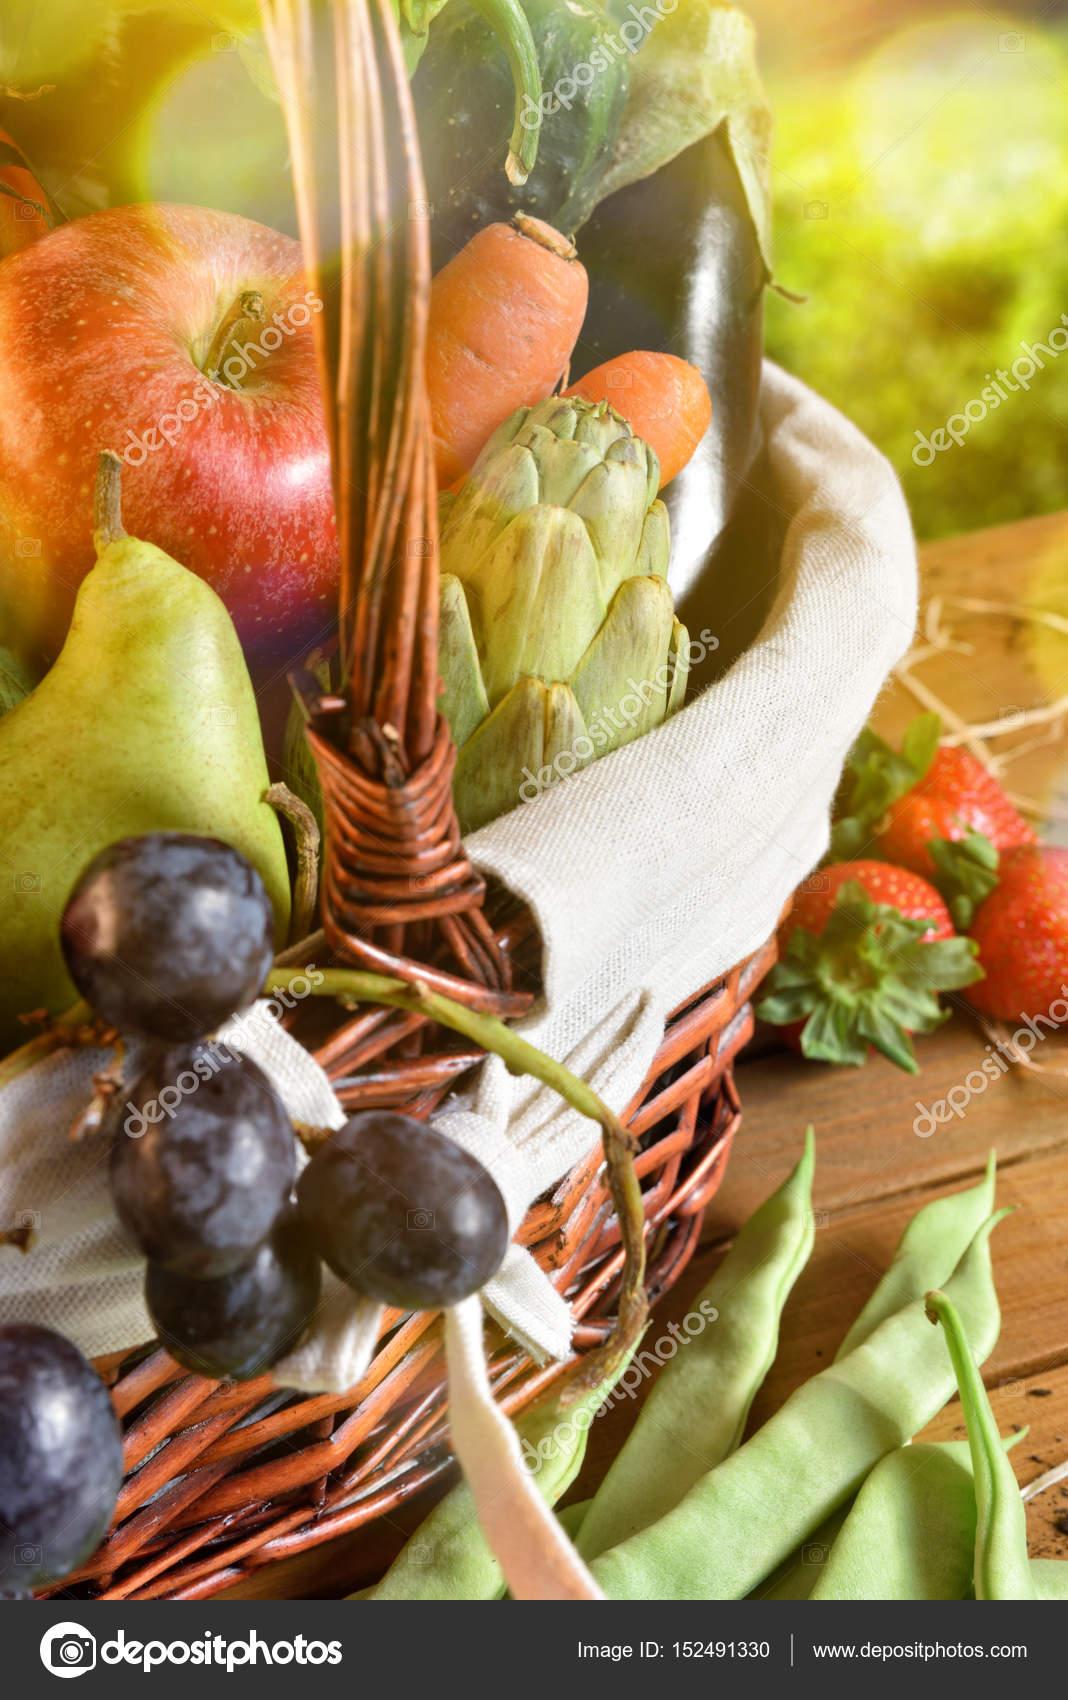 Картинки фрукты скачать. Фрукты и овощи в плетеной корзине ...